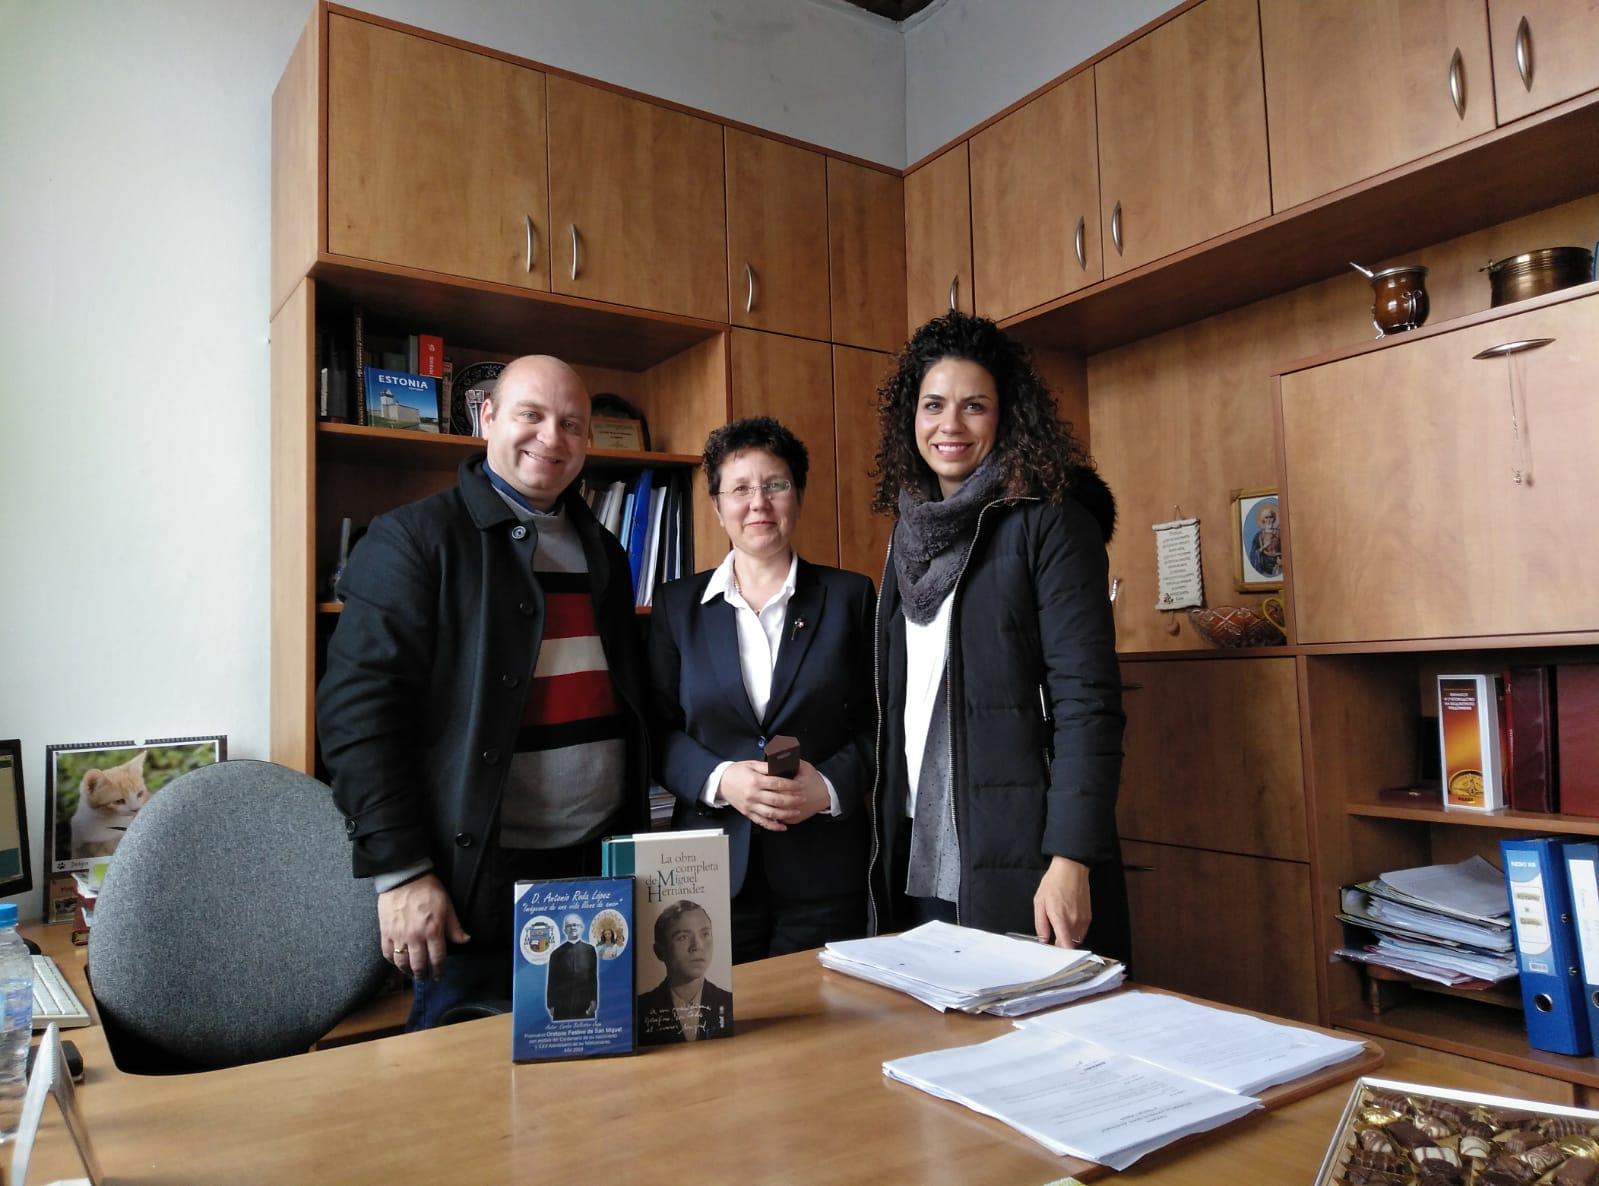 PROYECTO ERASMUS + DE VISITA EN SOFÍA (BULGARIA)